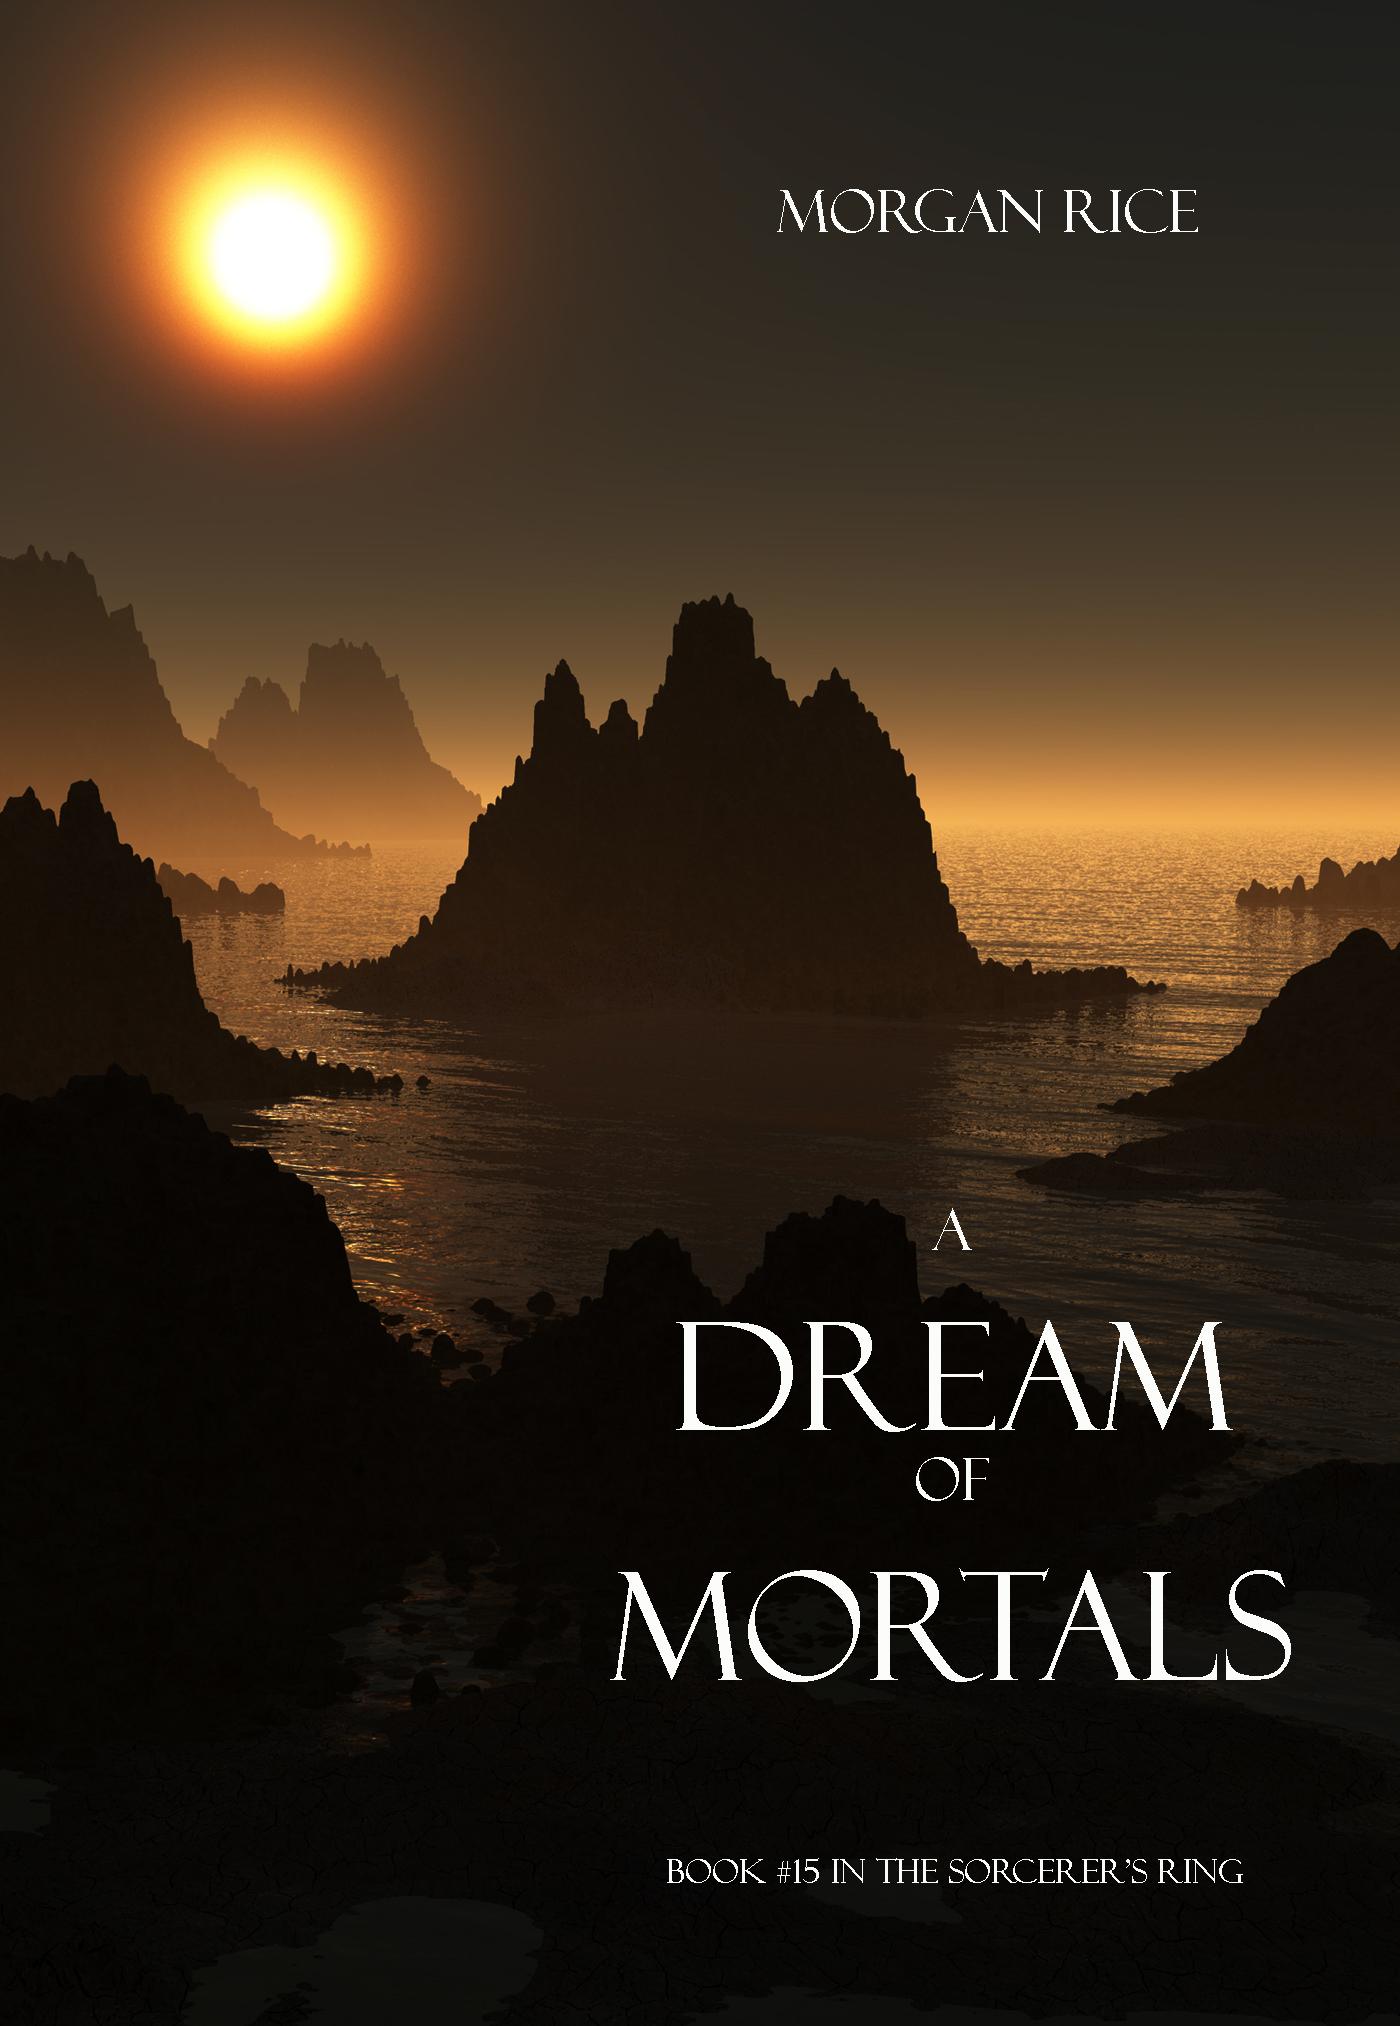 A Dream of Mortals